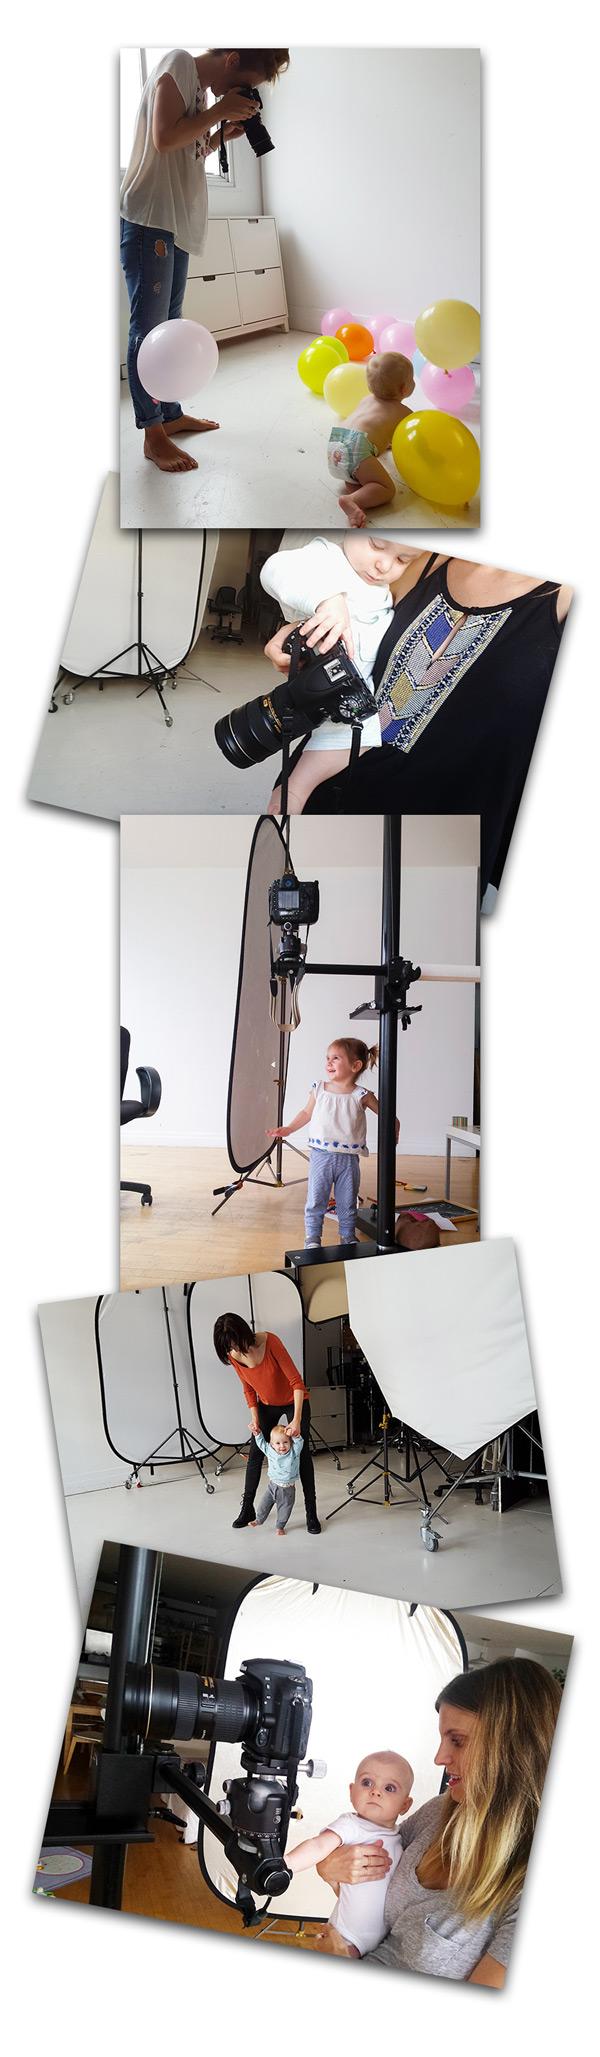 Behind-Scenes-Jamie-Grill